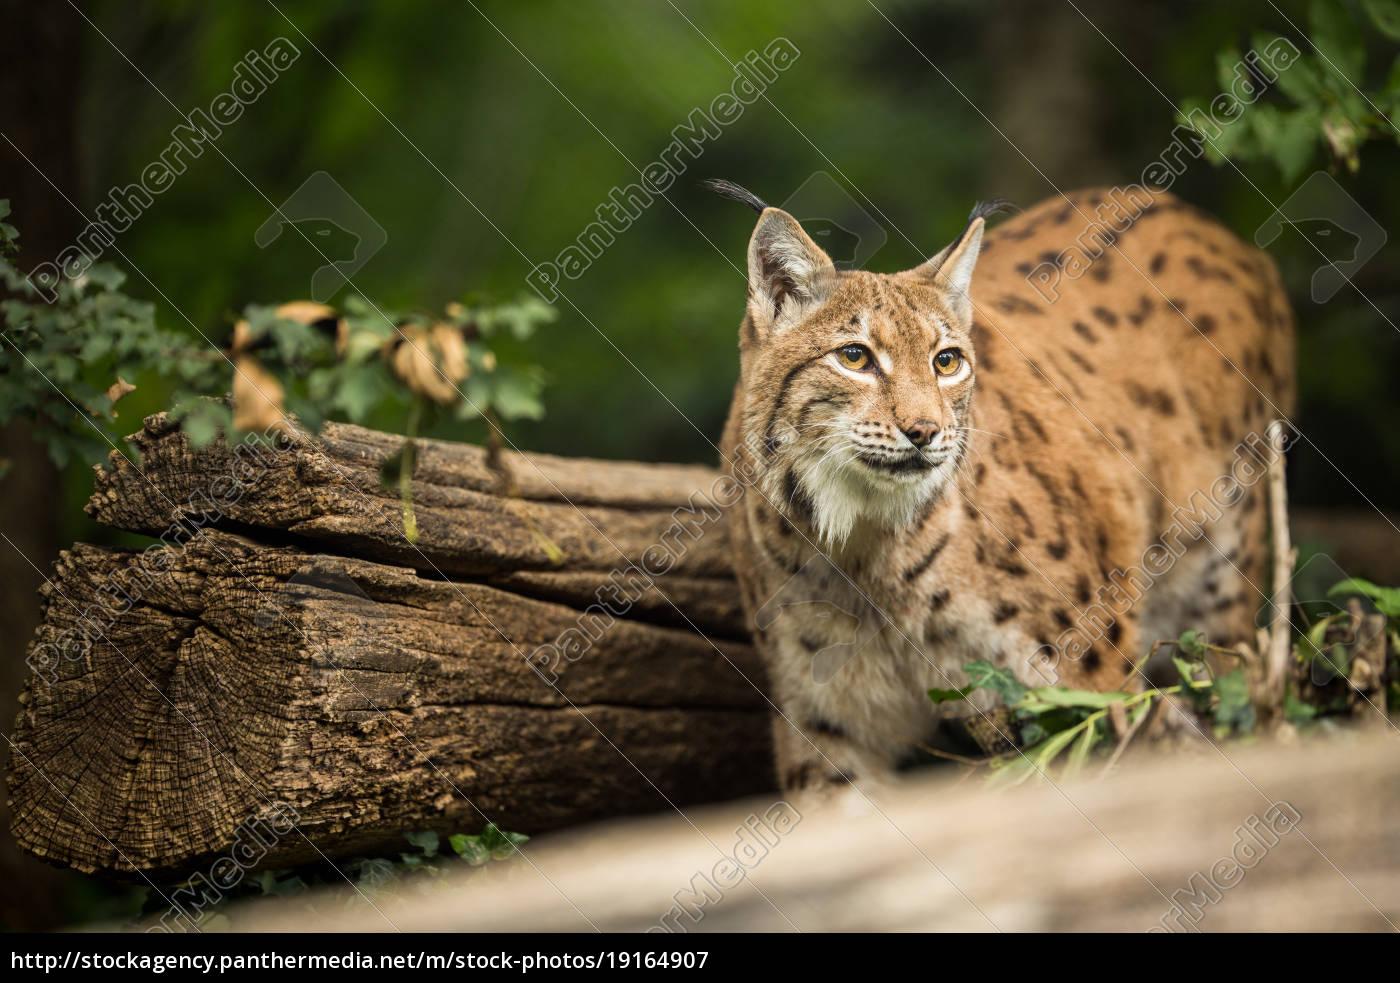 eurasian, lynx, (lynx, lynx) - 19164907